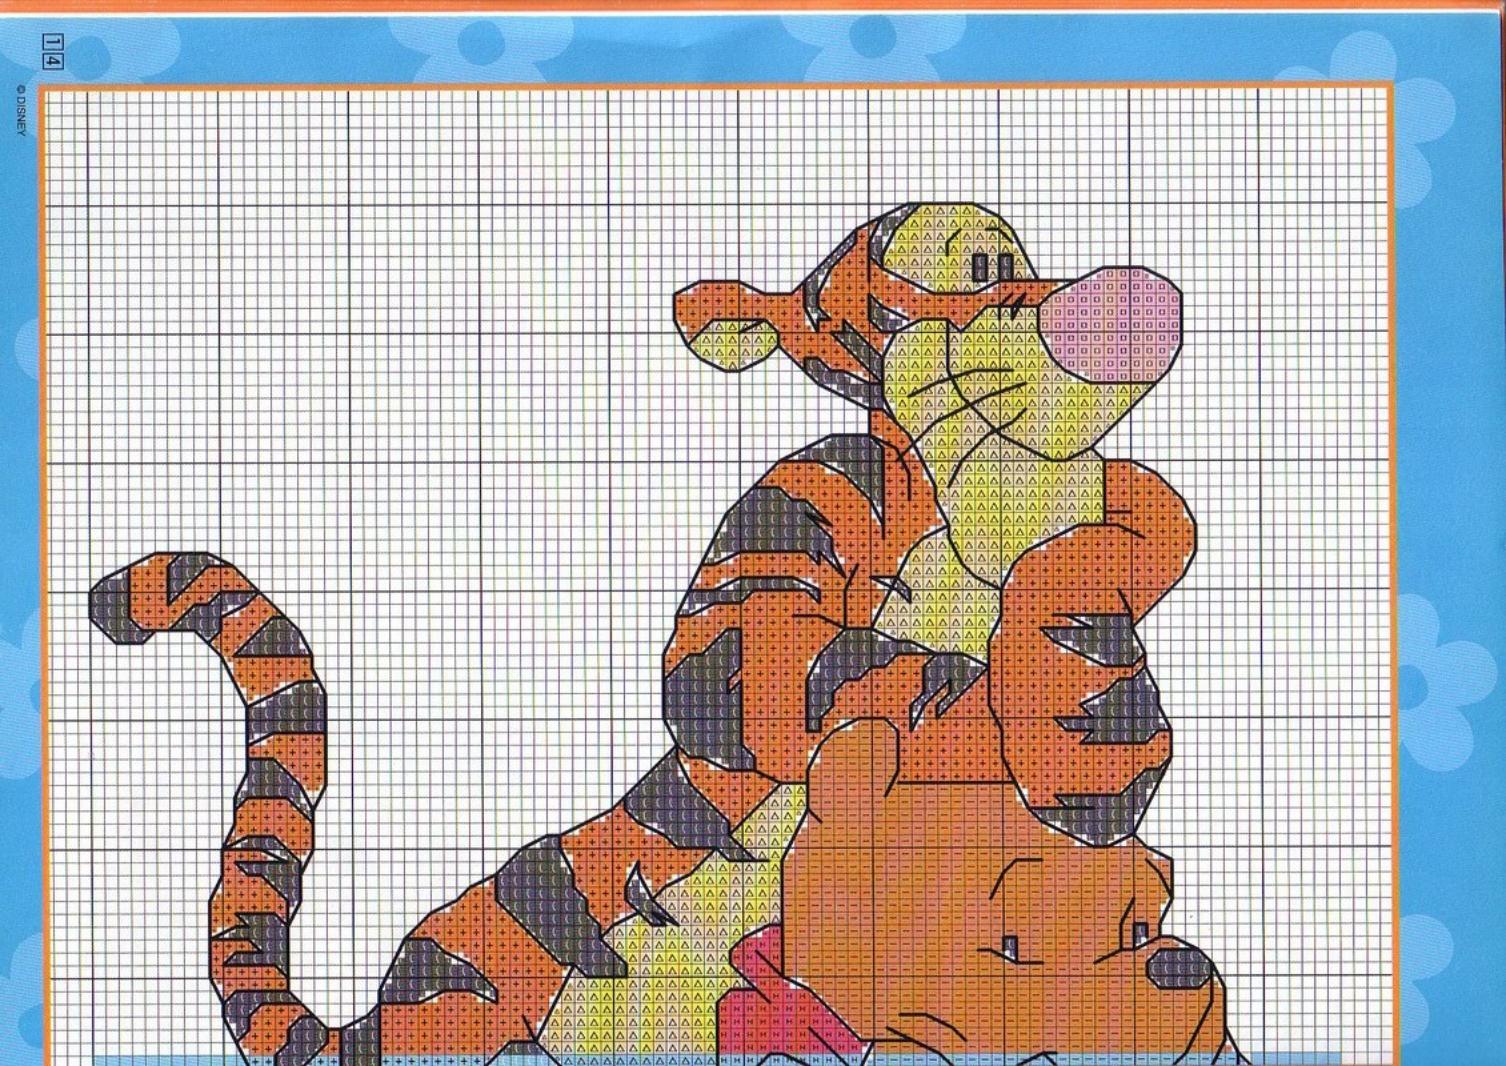 Adesivo schema punto croce con tigro e winnie the pooh 1 for Winnie the pooh punto croce